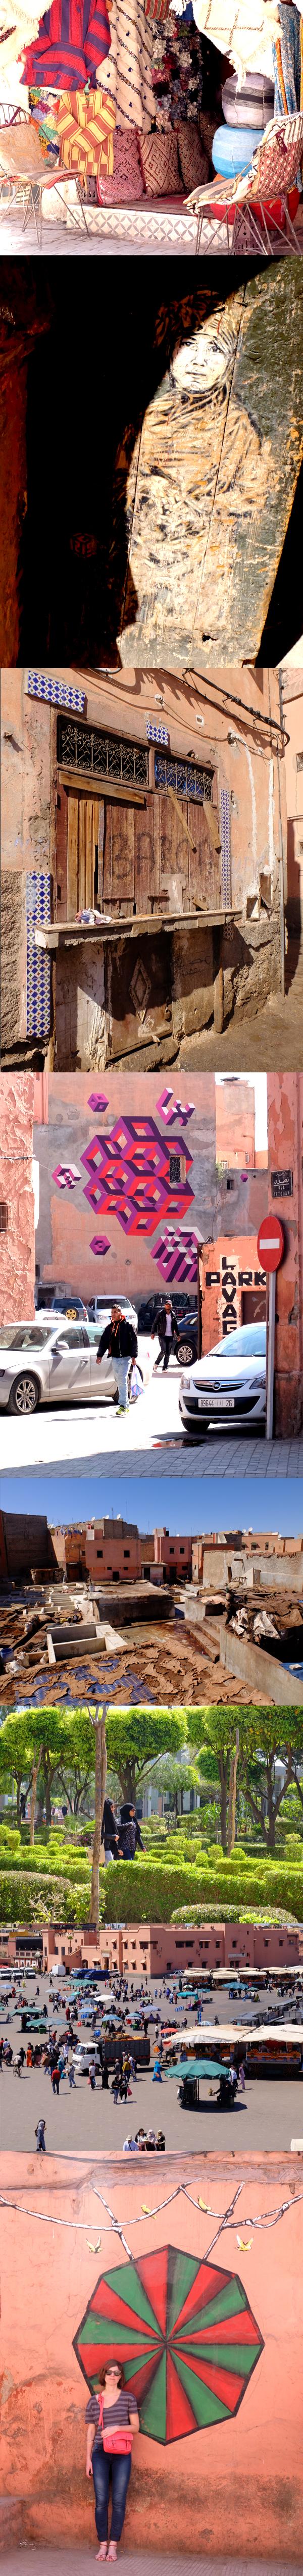 Marrakech03